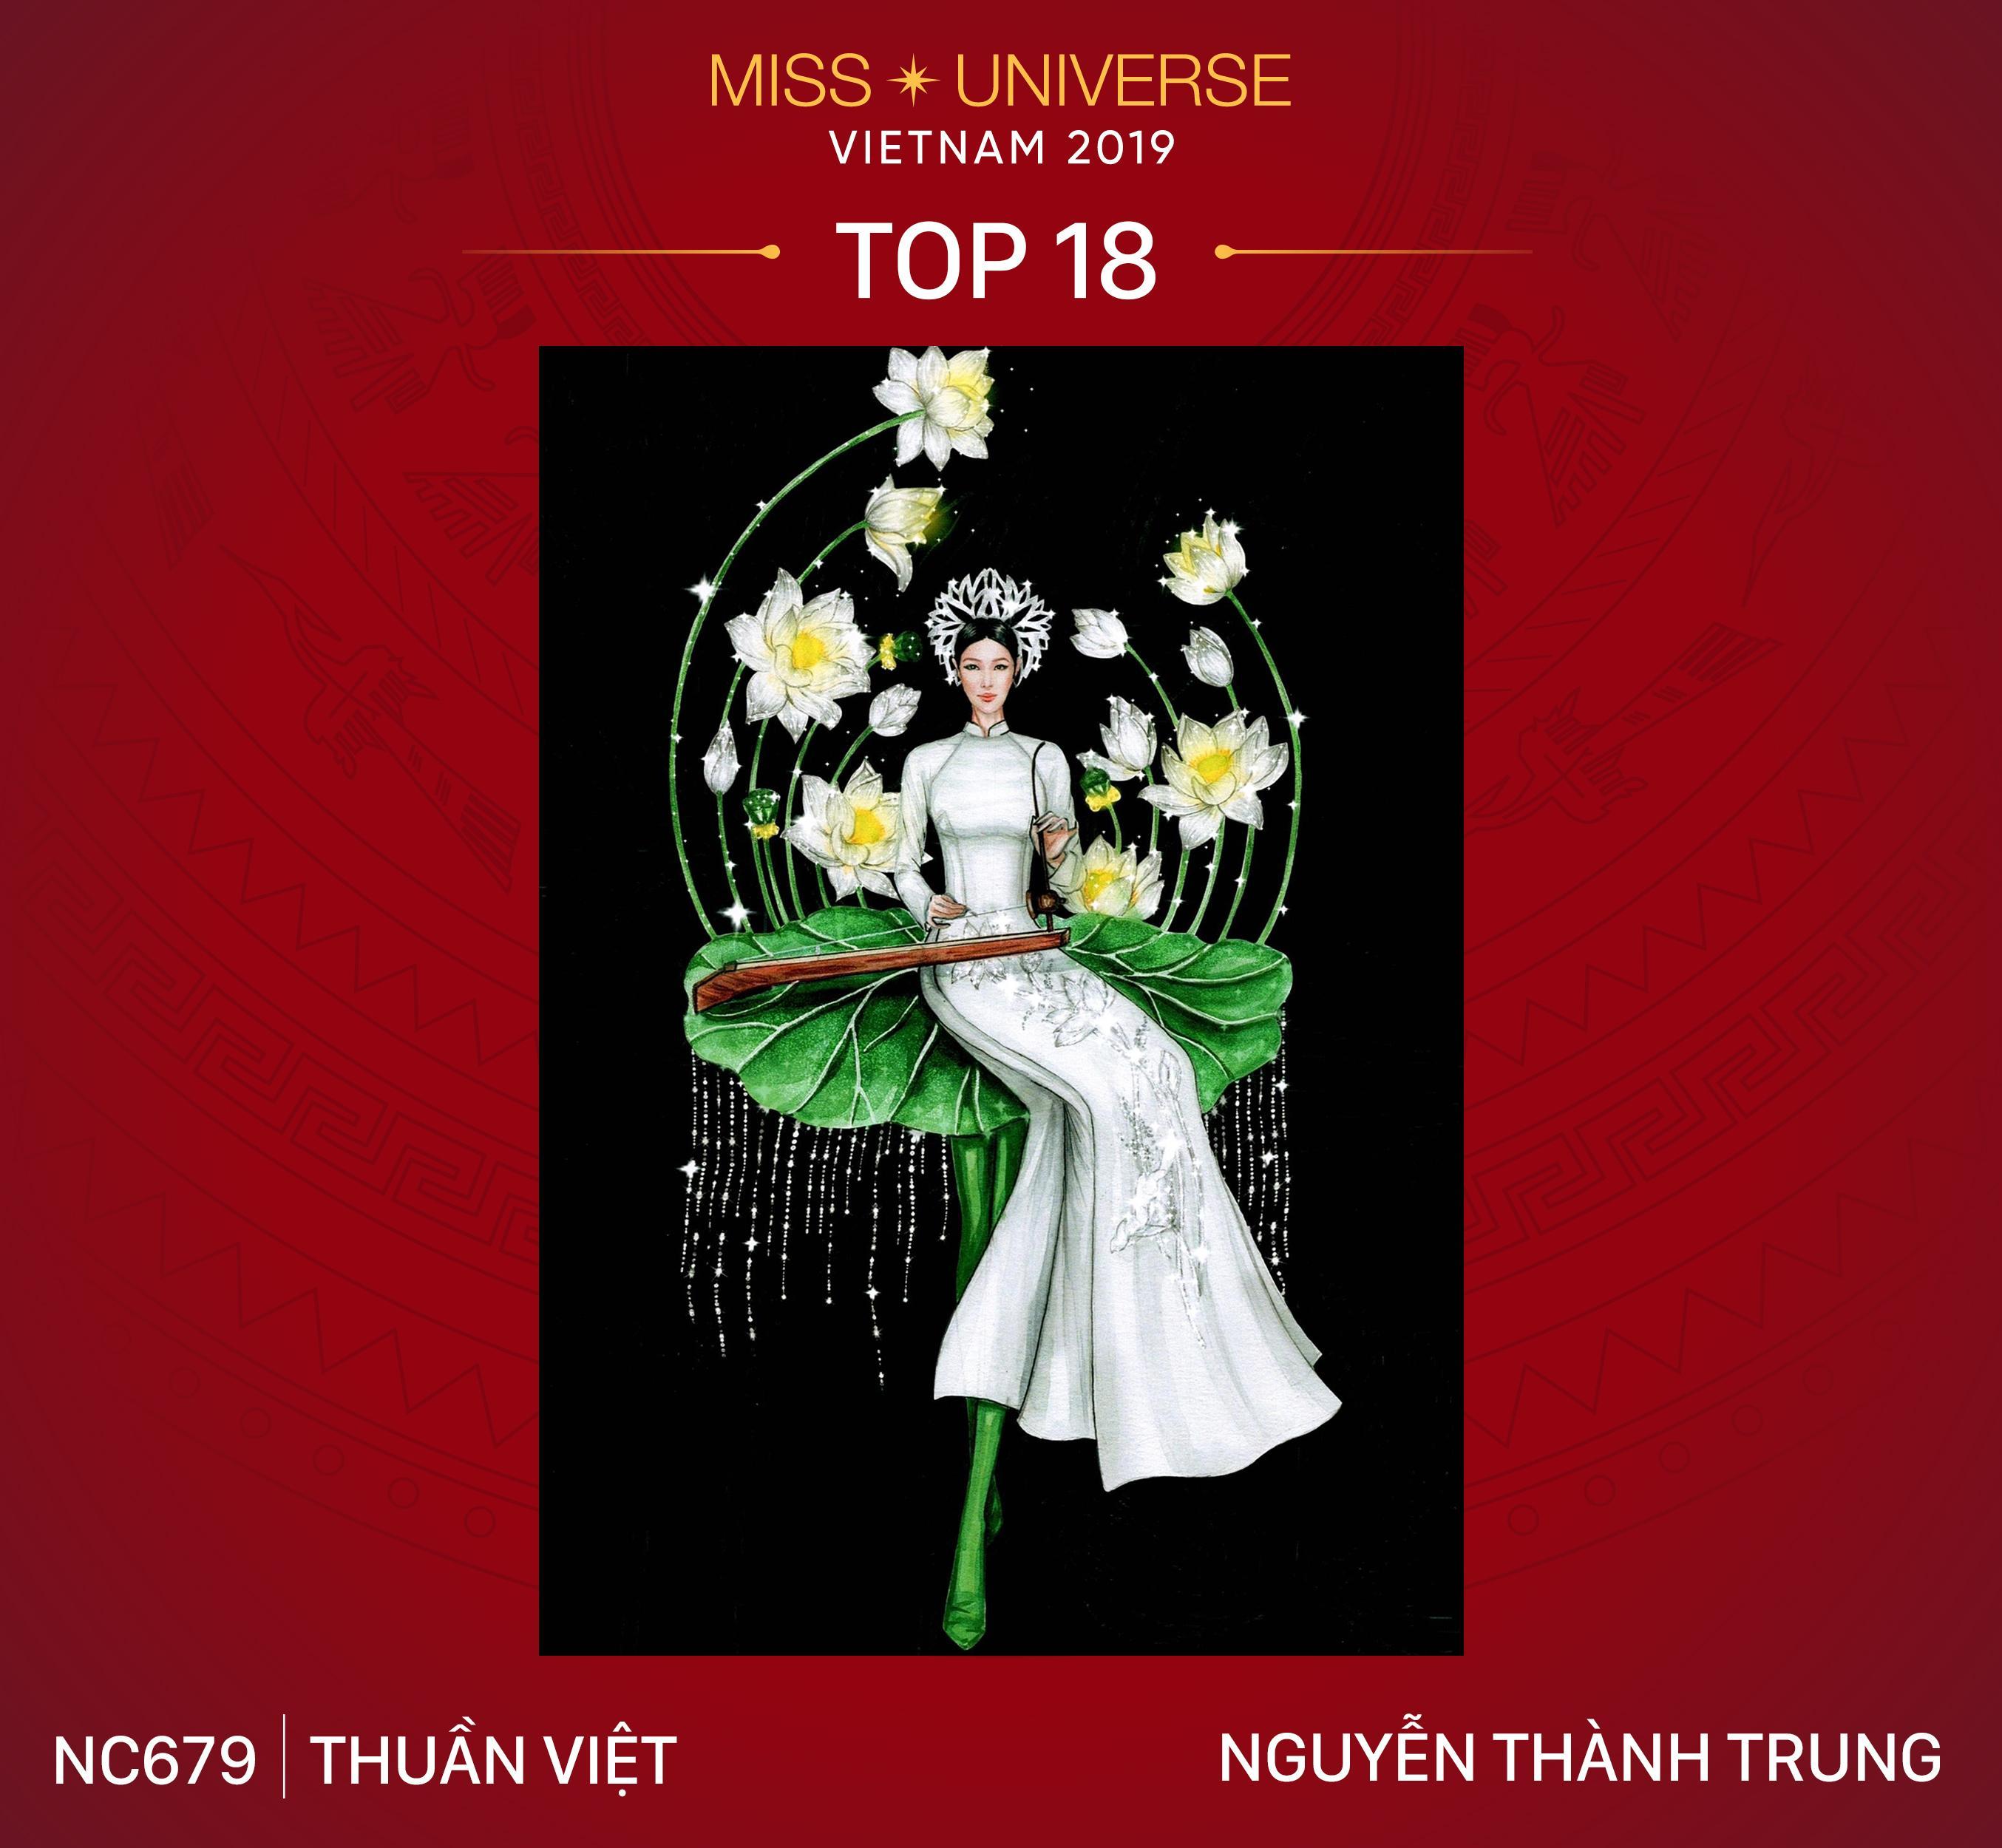 Chủ nhân National Costume Nàng Mây thiết kế váy tàu điện Metro cho Khánh Vân: Cổng trường cũng thành trang phục cực chất Ảnh 12